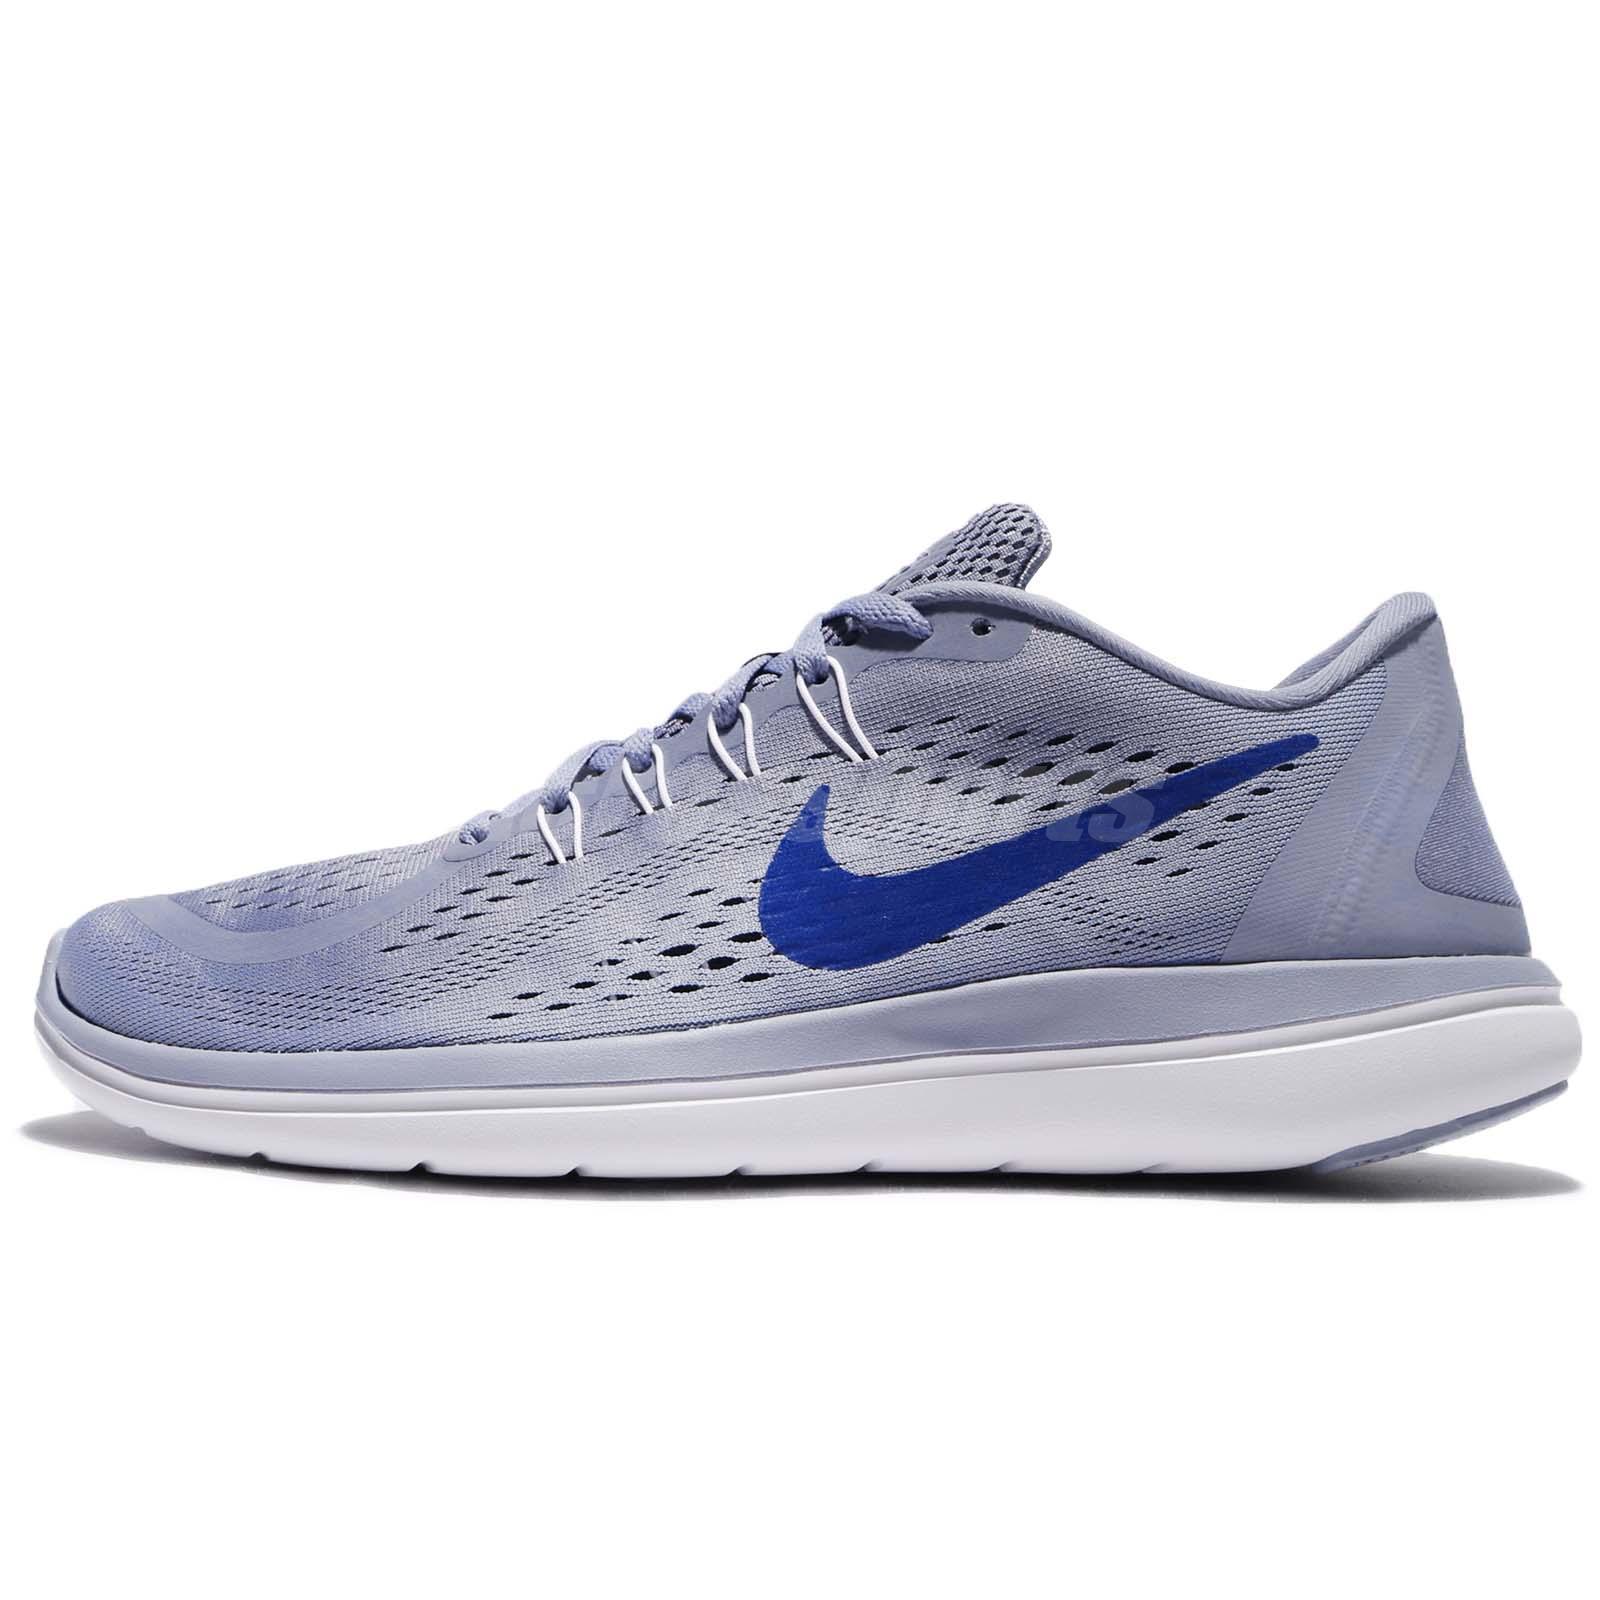 e504bdead309 Nike Flex 2017 RN Run Dark Sky Blue Mens Running Shoes Trainers 898457-401